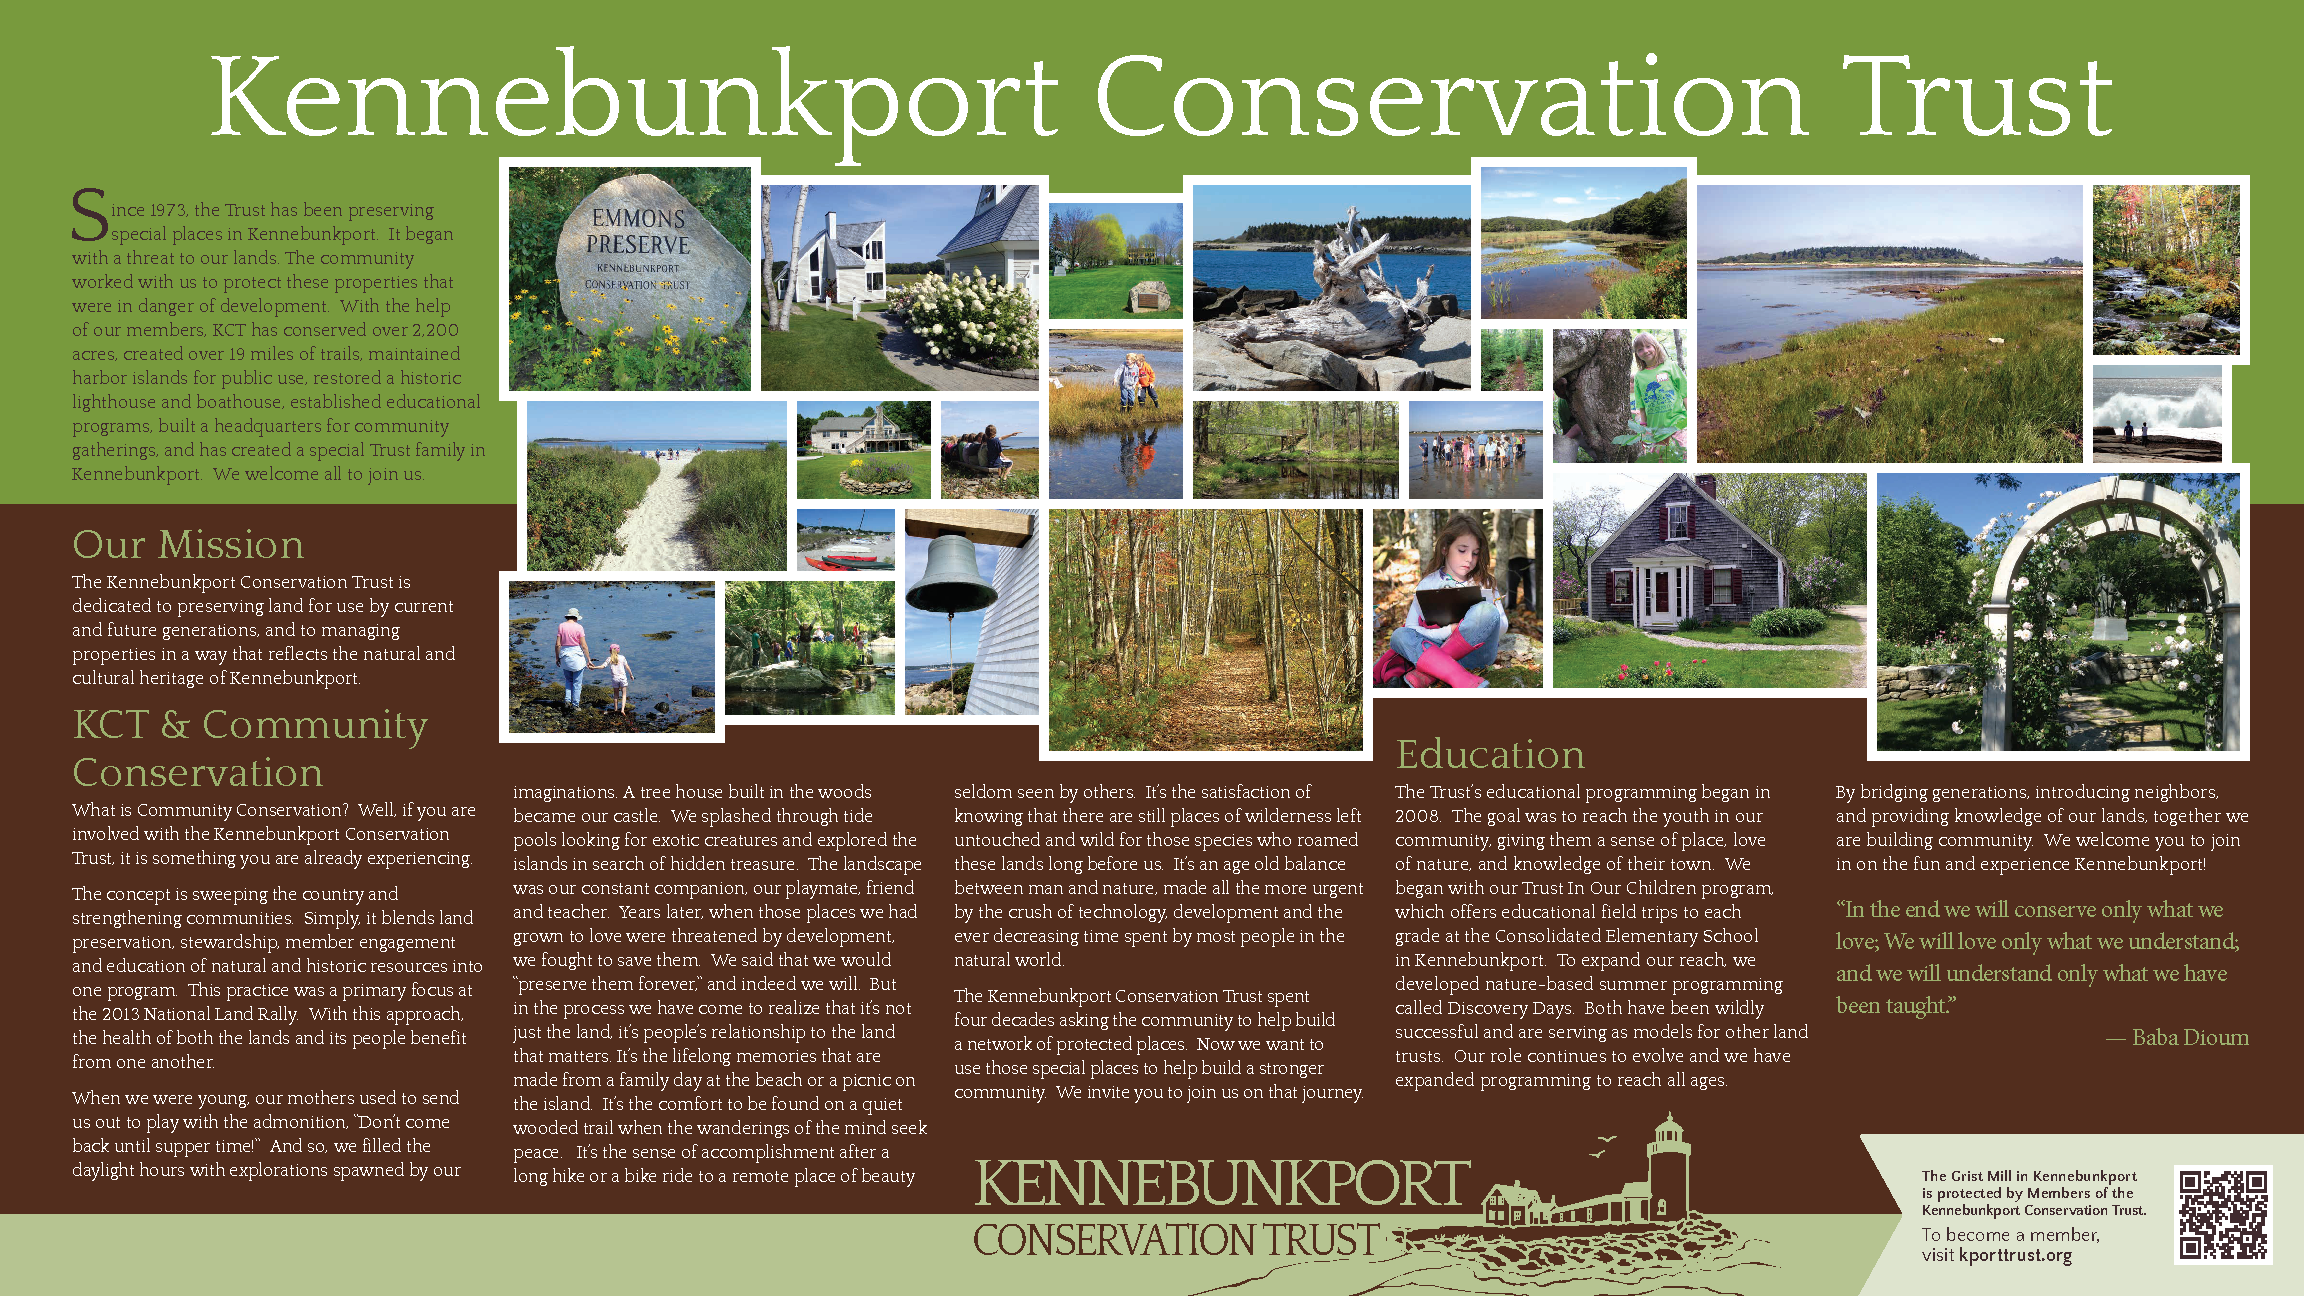 Kennebunkport Conservation Trust